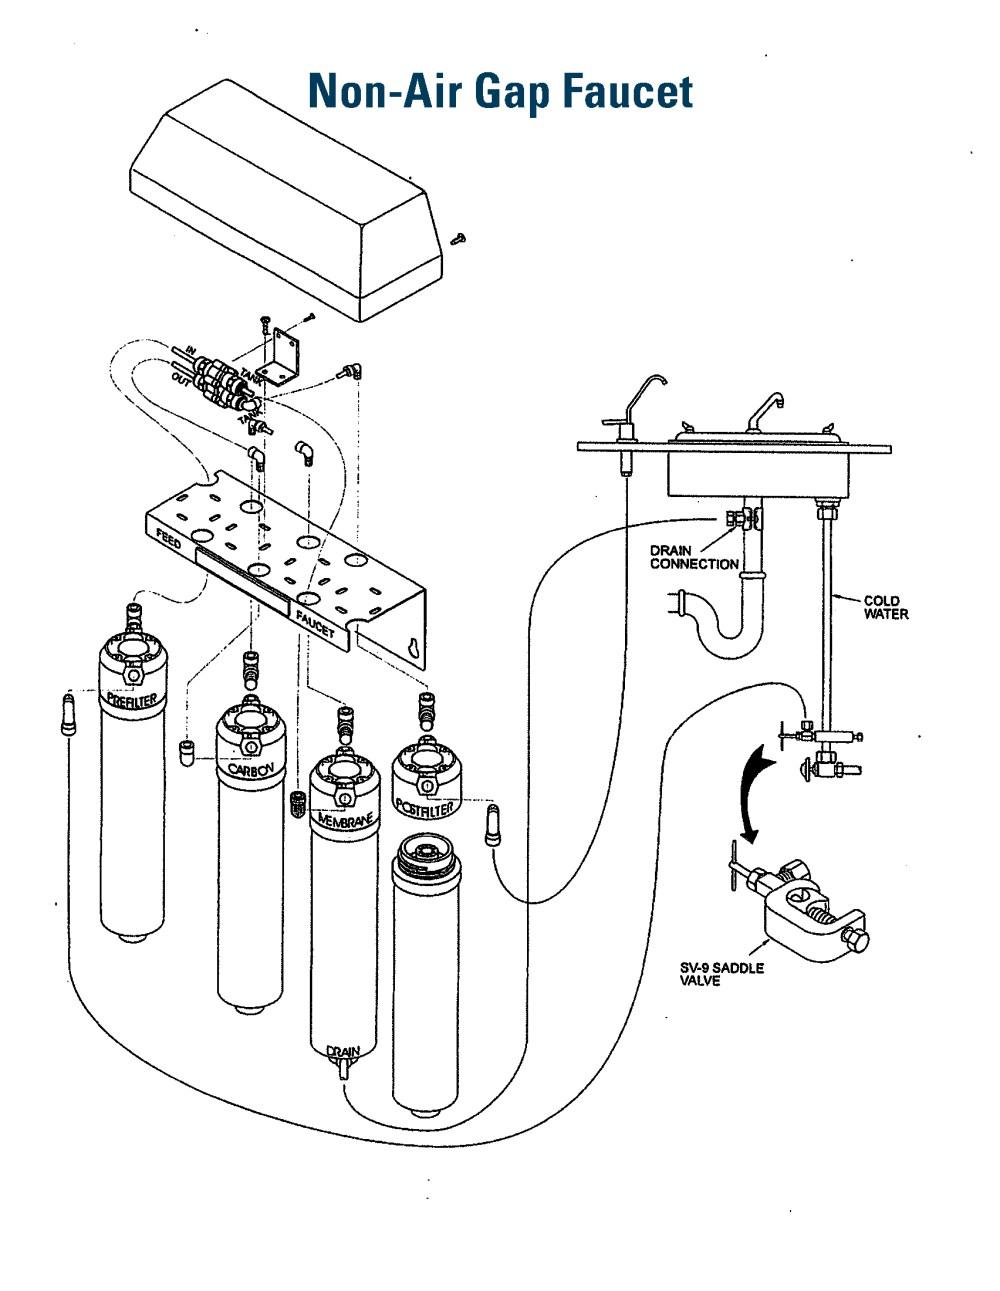 medium resolution of non air gap faucet diagram